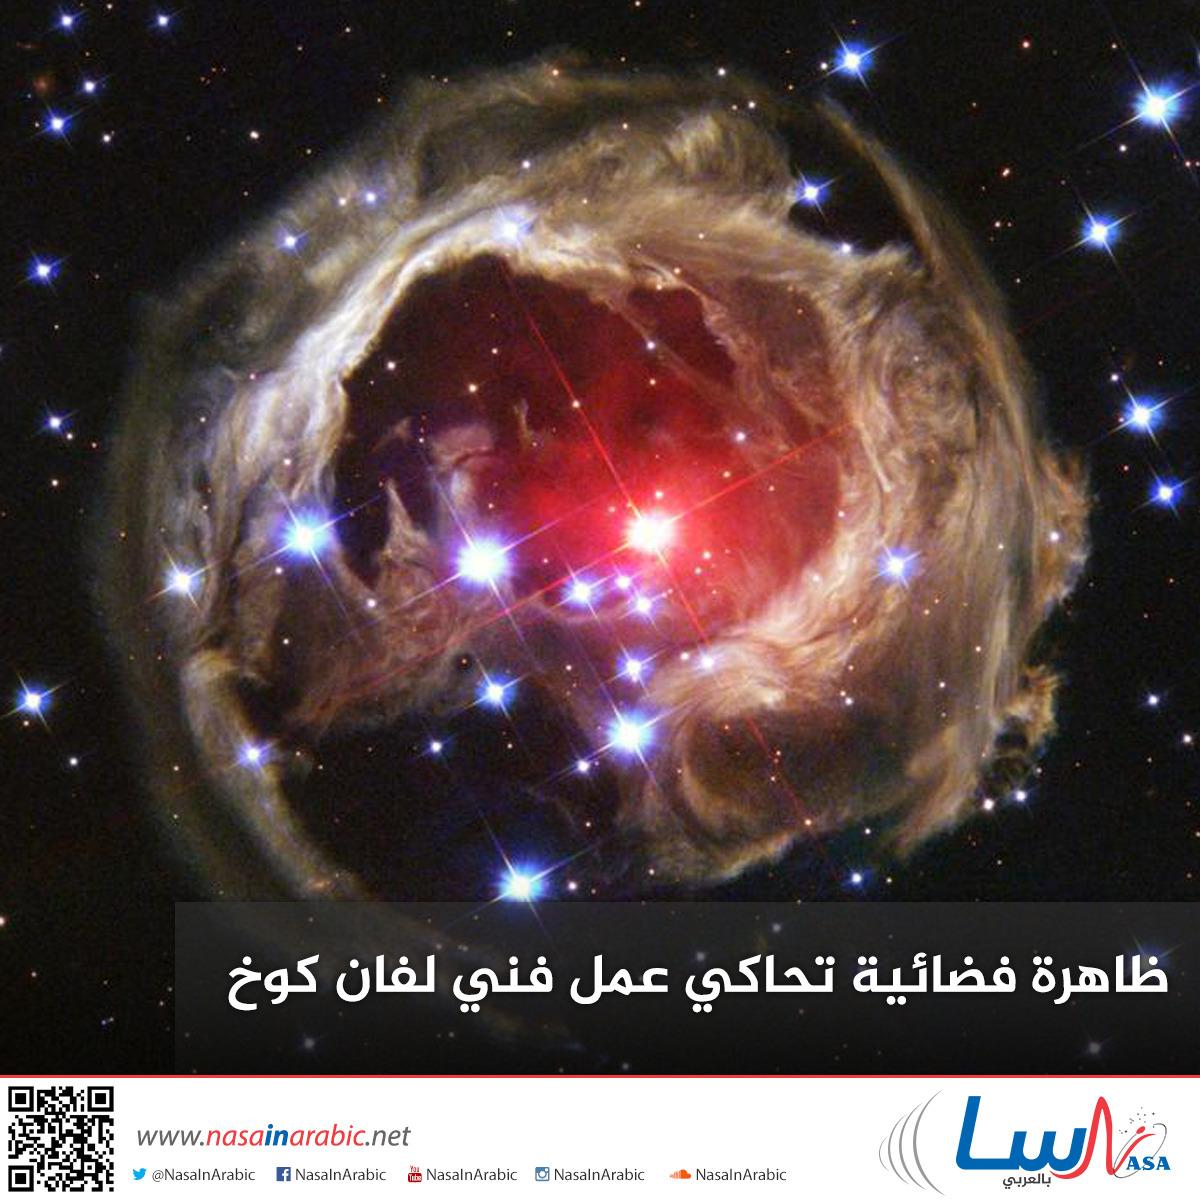 ظاهرة فضائية تحاكي عمل فني لفان كوخ